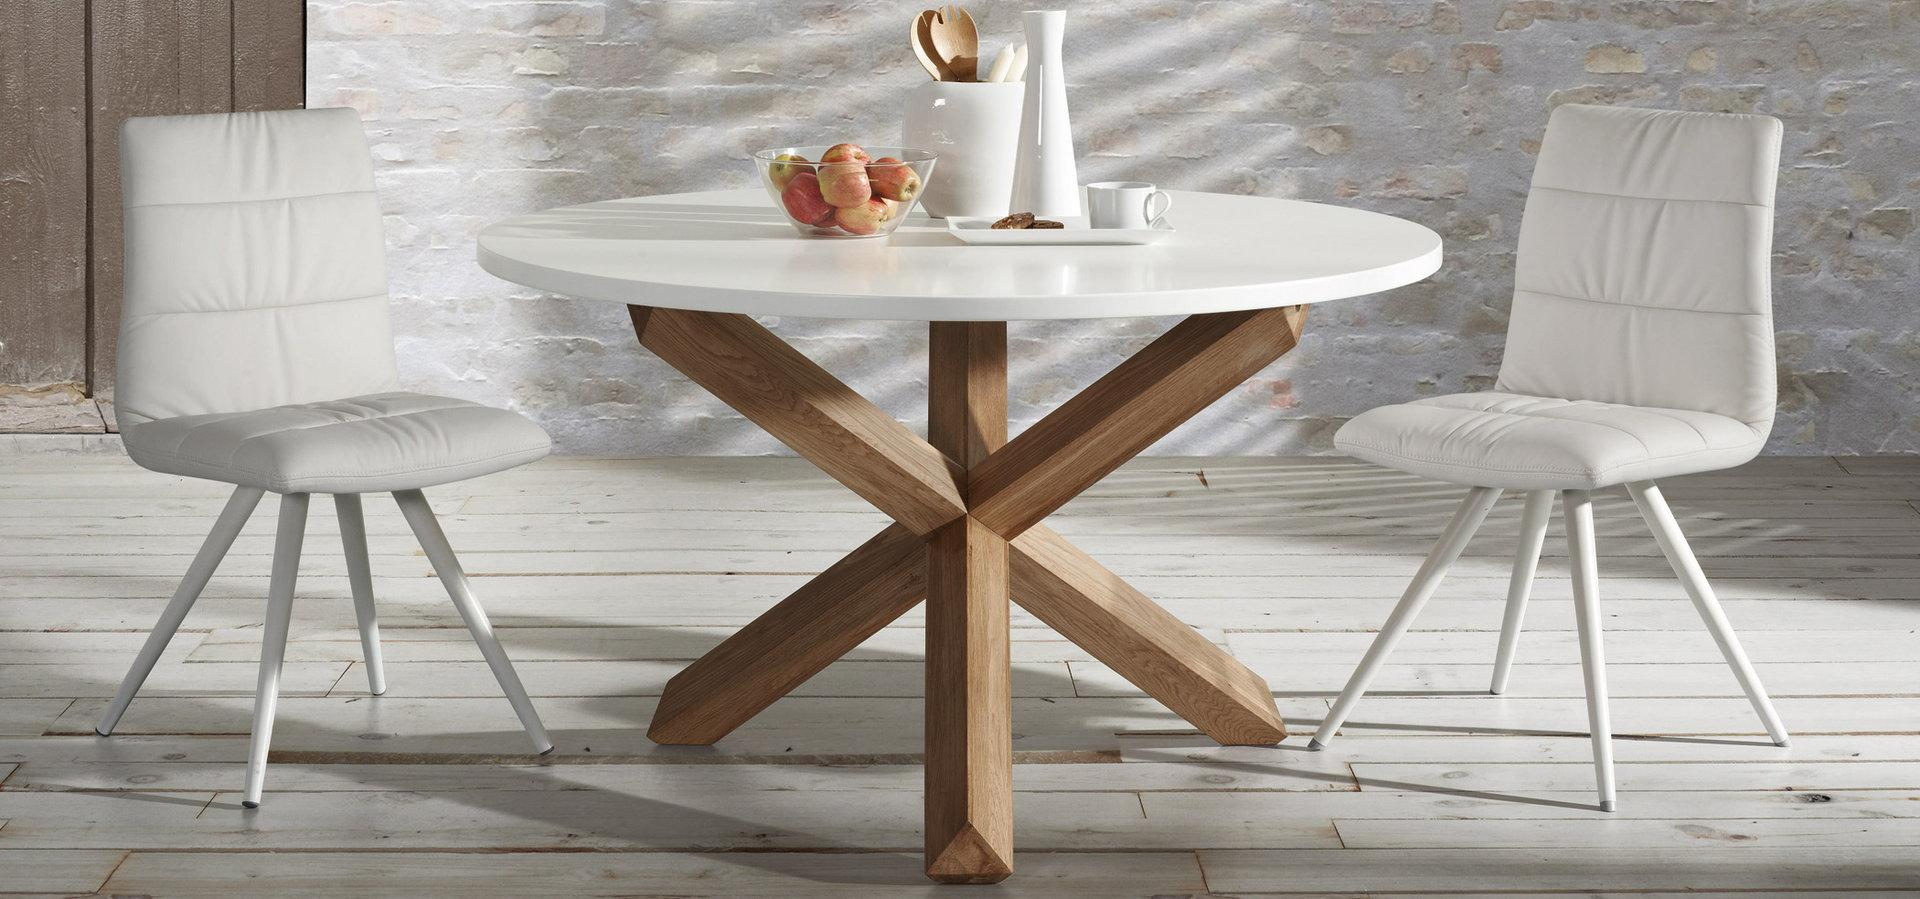 8 mesas redondas for Mesas redondas para comedor